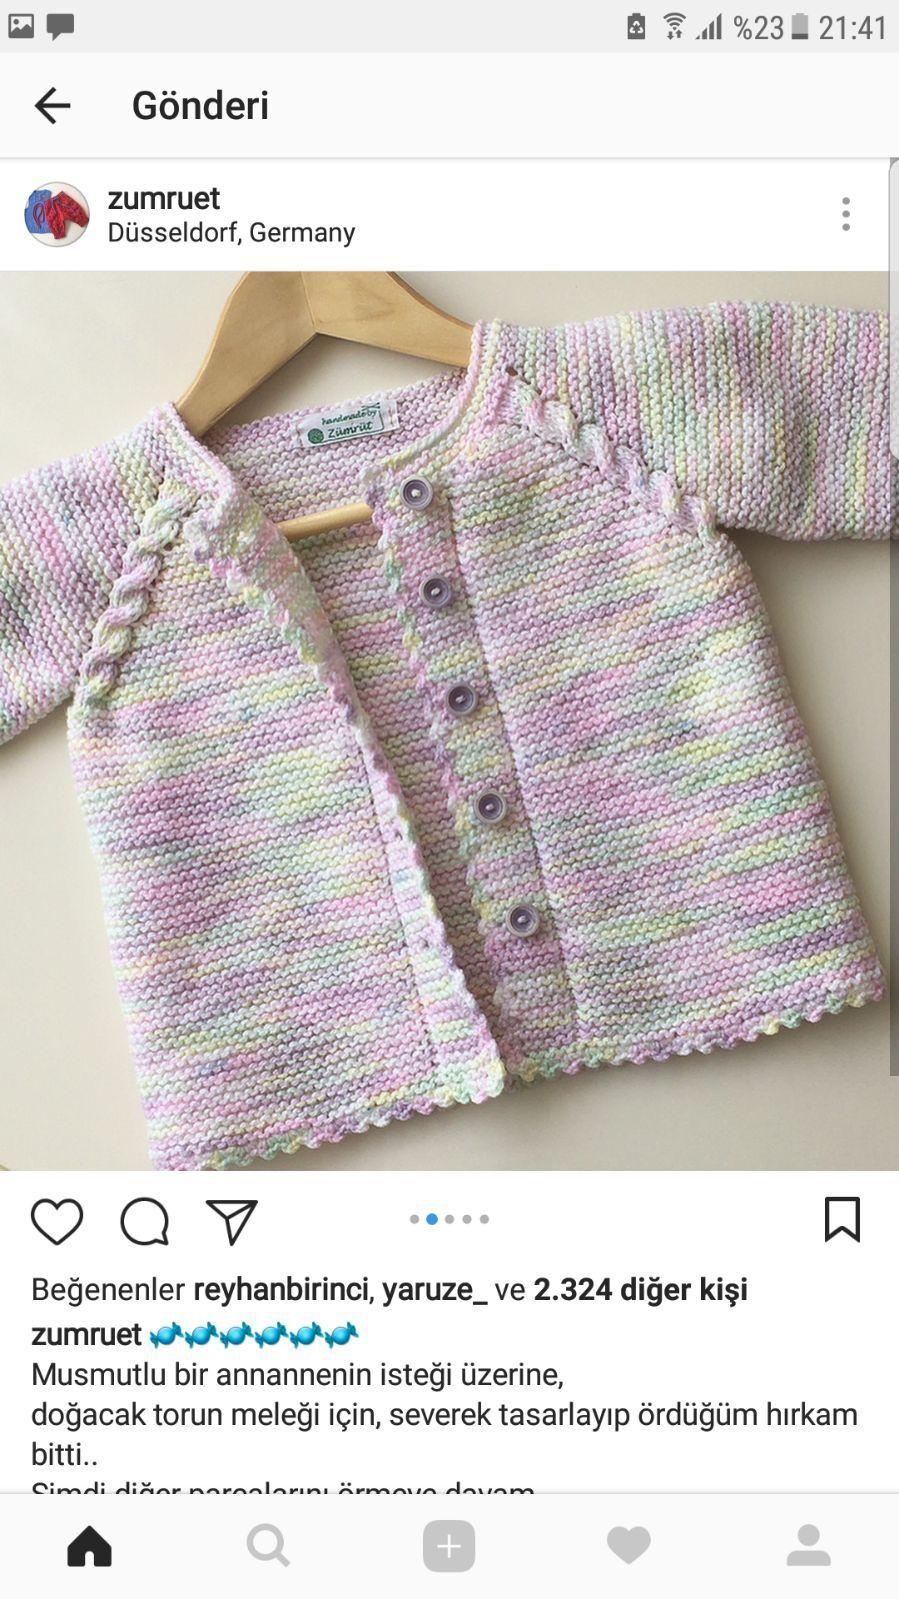 Louca por esse | Bebek orguleri | Pinterest | Tejido, Bebe y Bebé